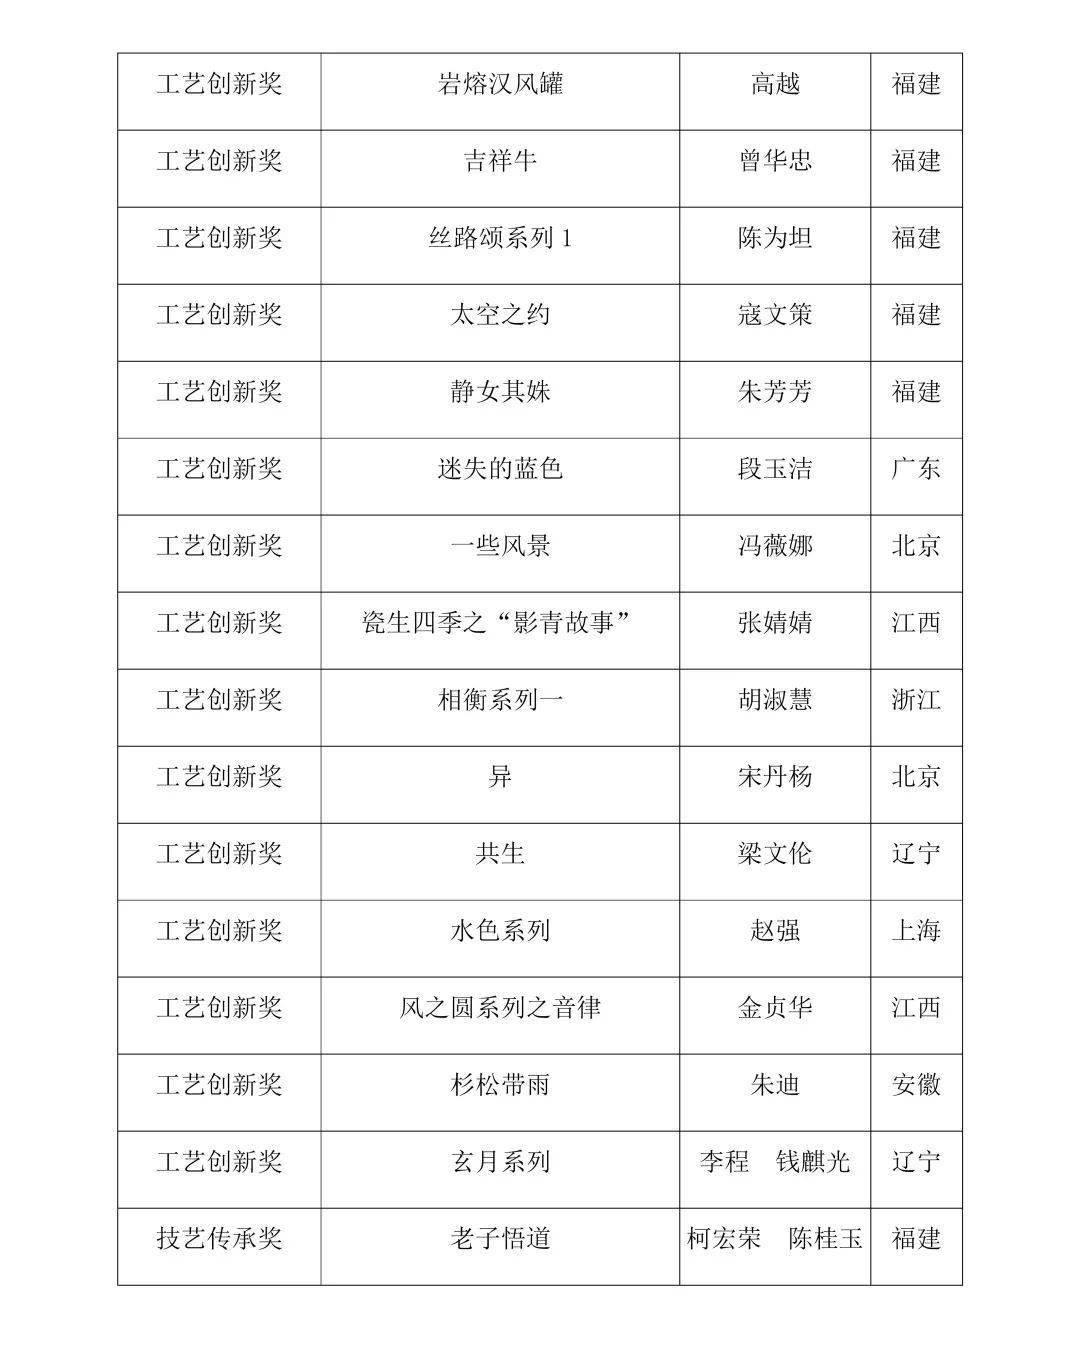 """首届德化""""中国白""""中国传统陶瓷艺术双年展工艺创新奖、技艺传承、评委特别奖名单公告"""